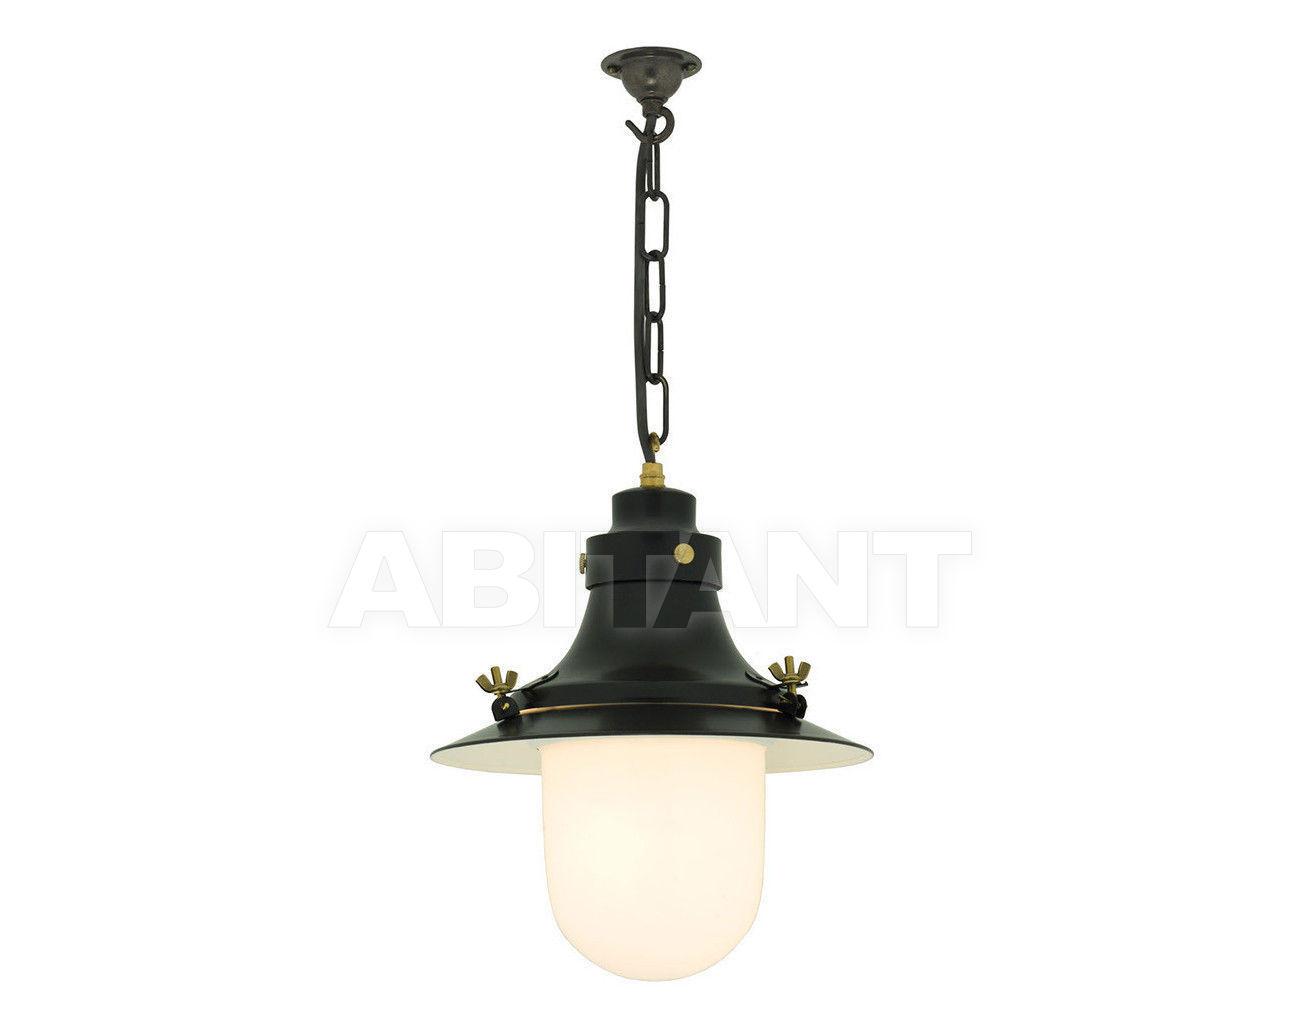 Купить Светильник Davey Lighting Pendants 7125/BL/OP